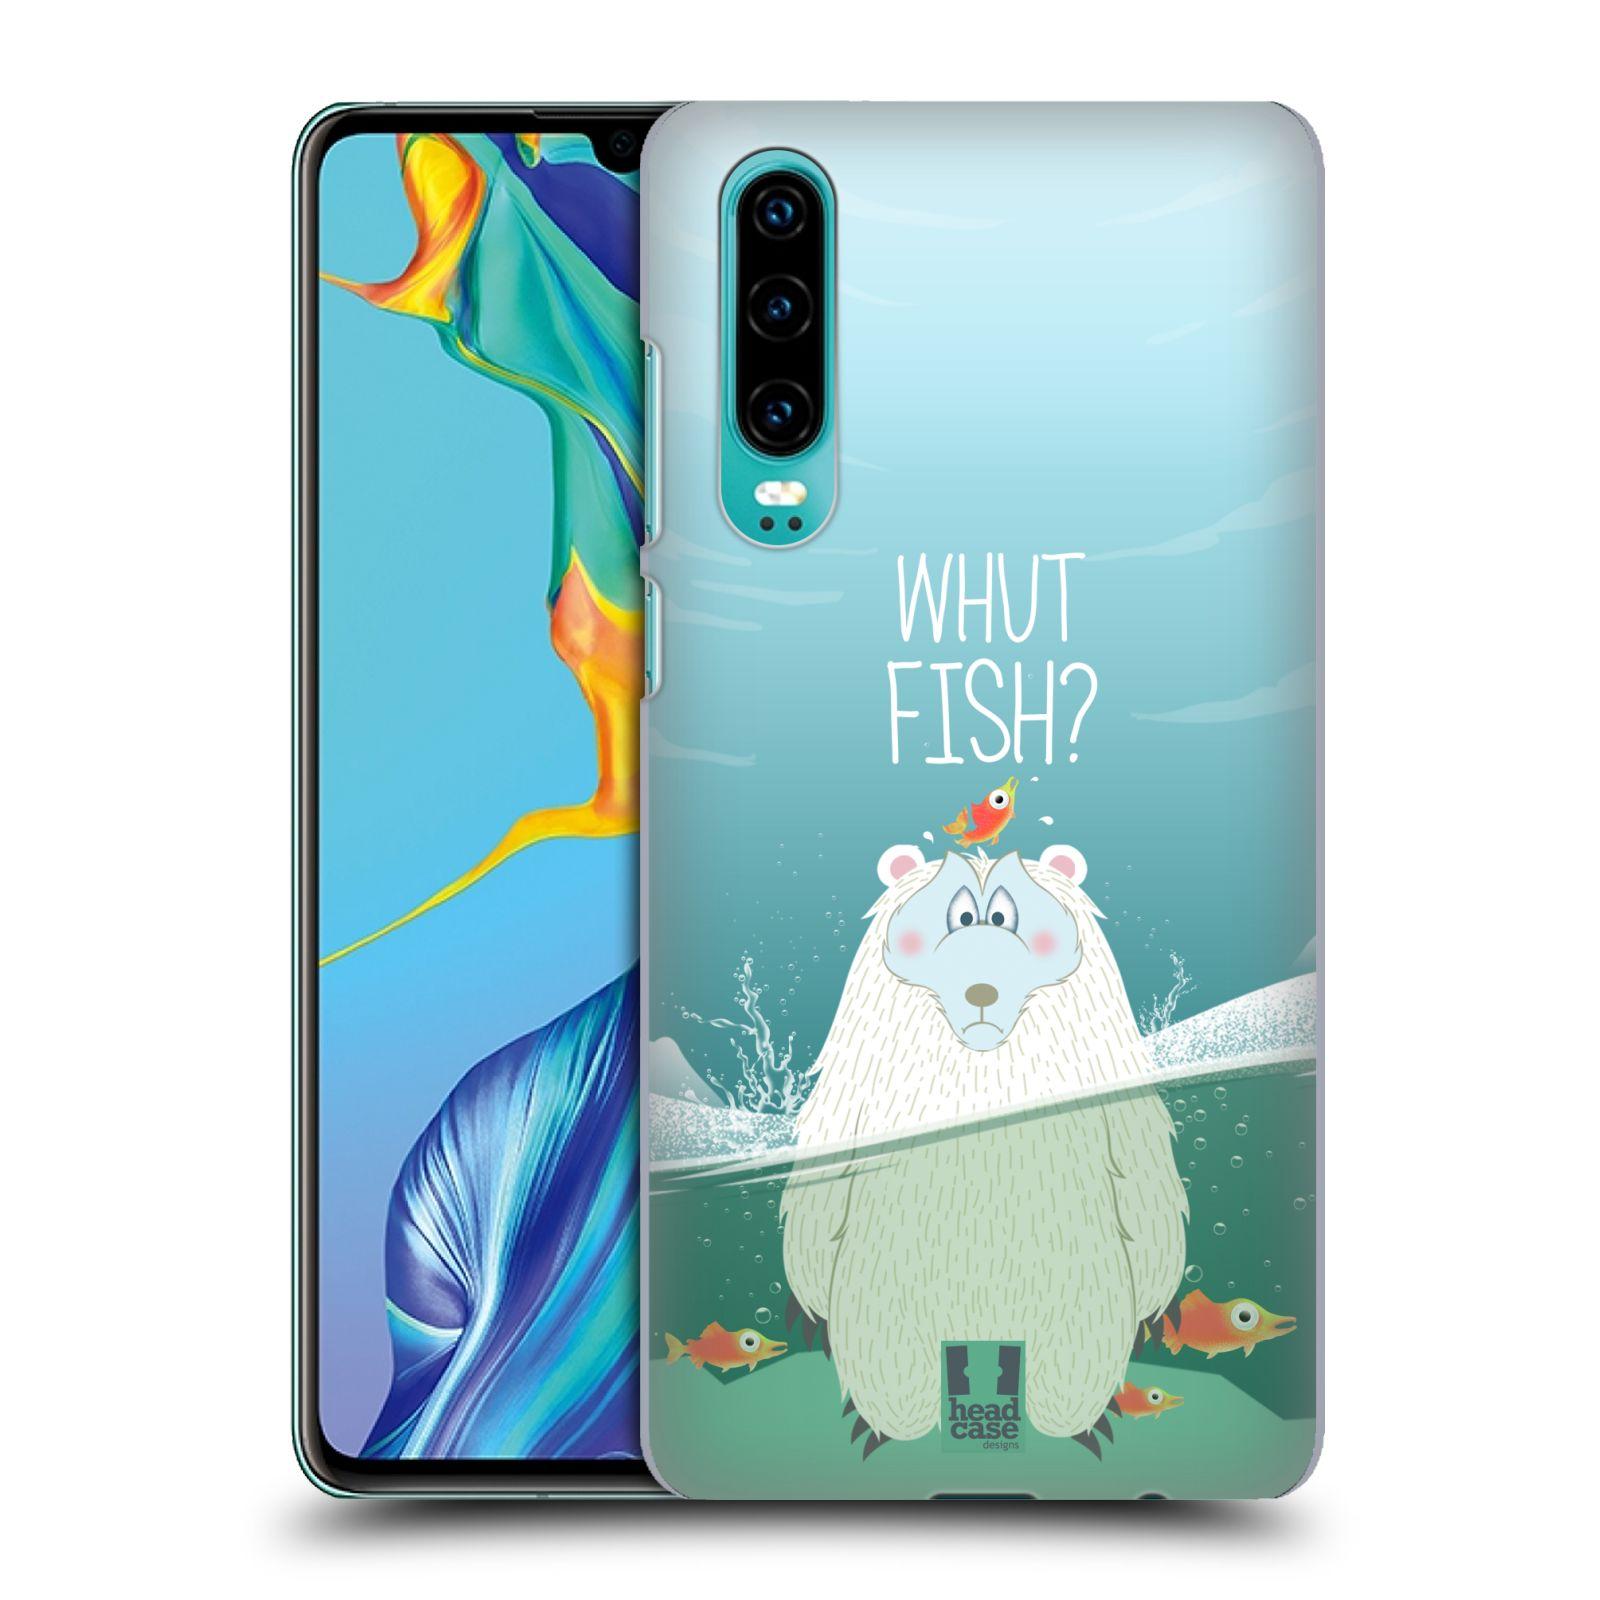 Plastové pouzdro na mobil Huawei P30 - Head Case - Medvěd Whut Fish?